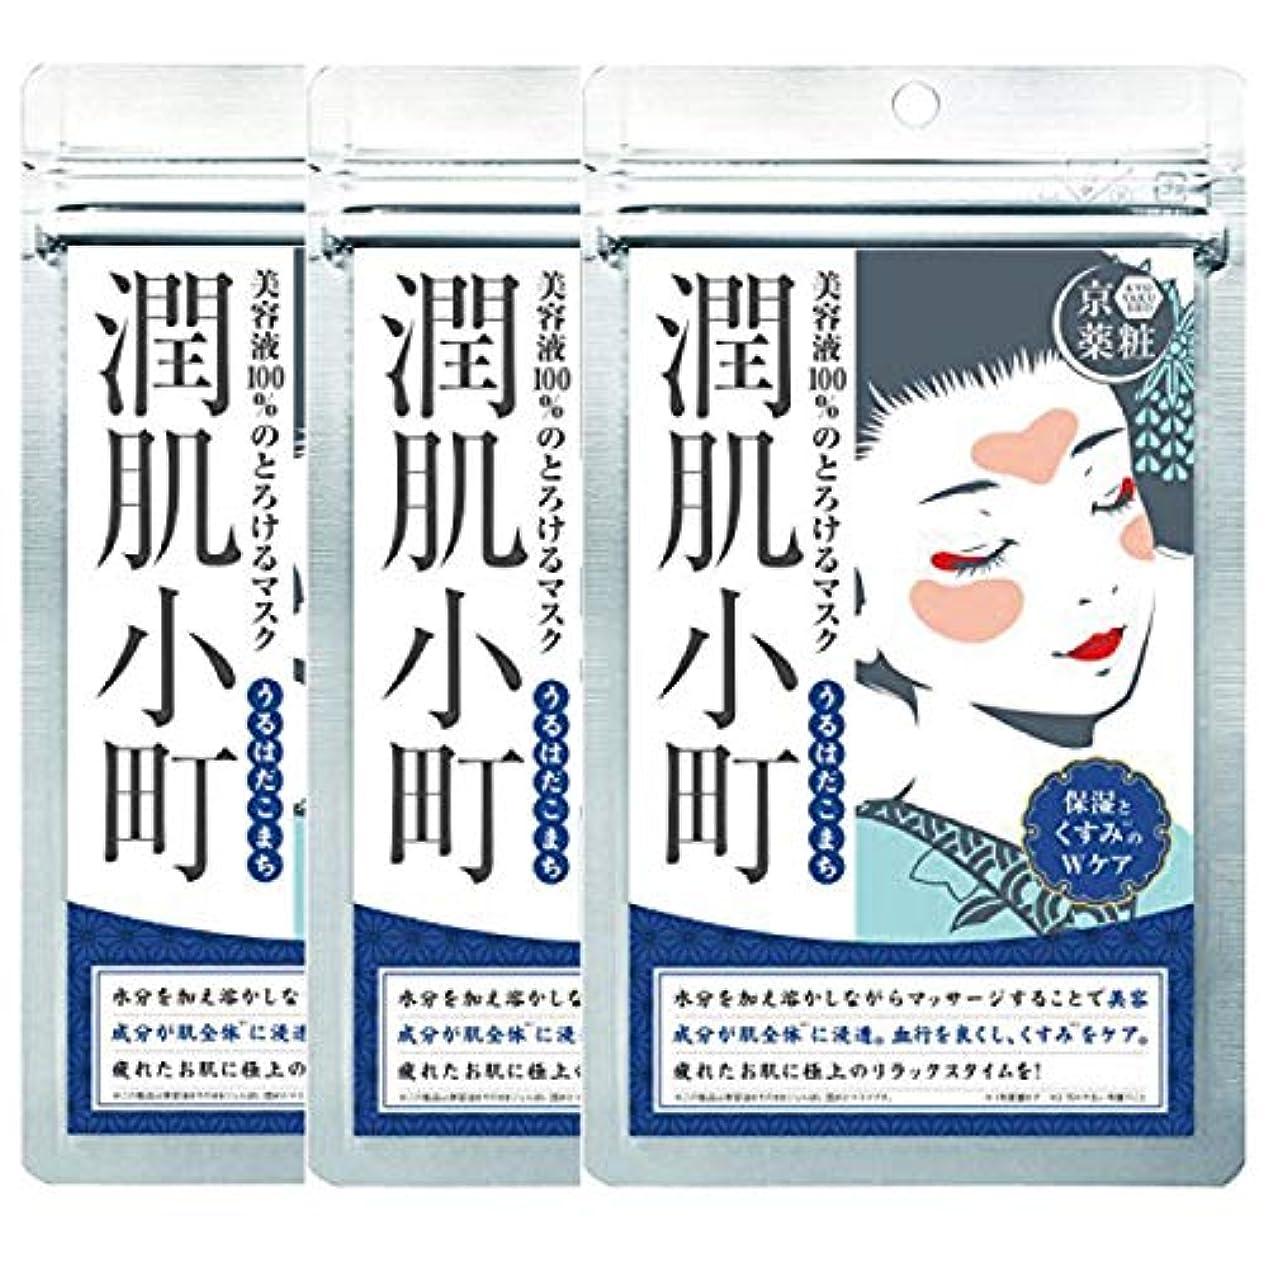 進化小学生バケット京薬粧 潤肌小町 潤いマスク ×3セット